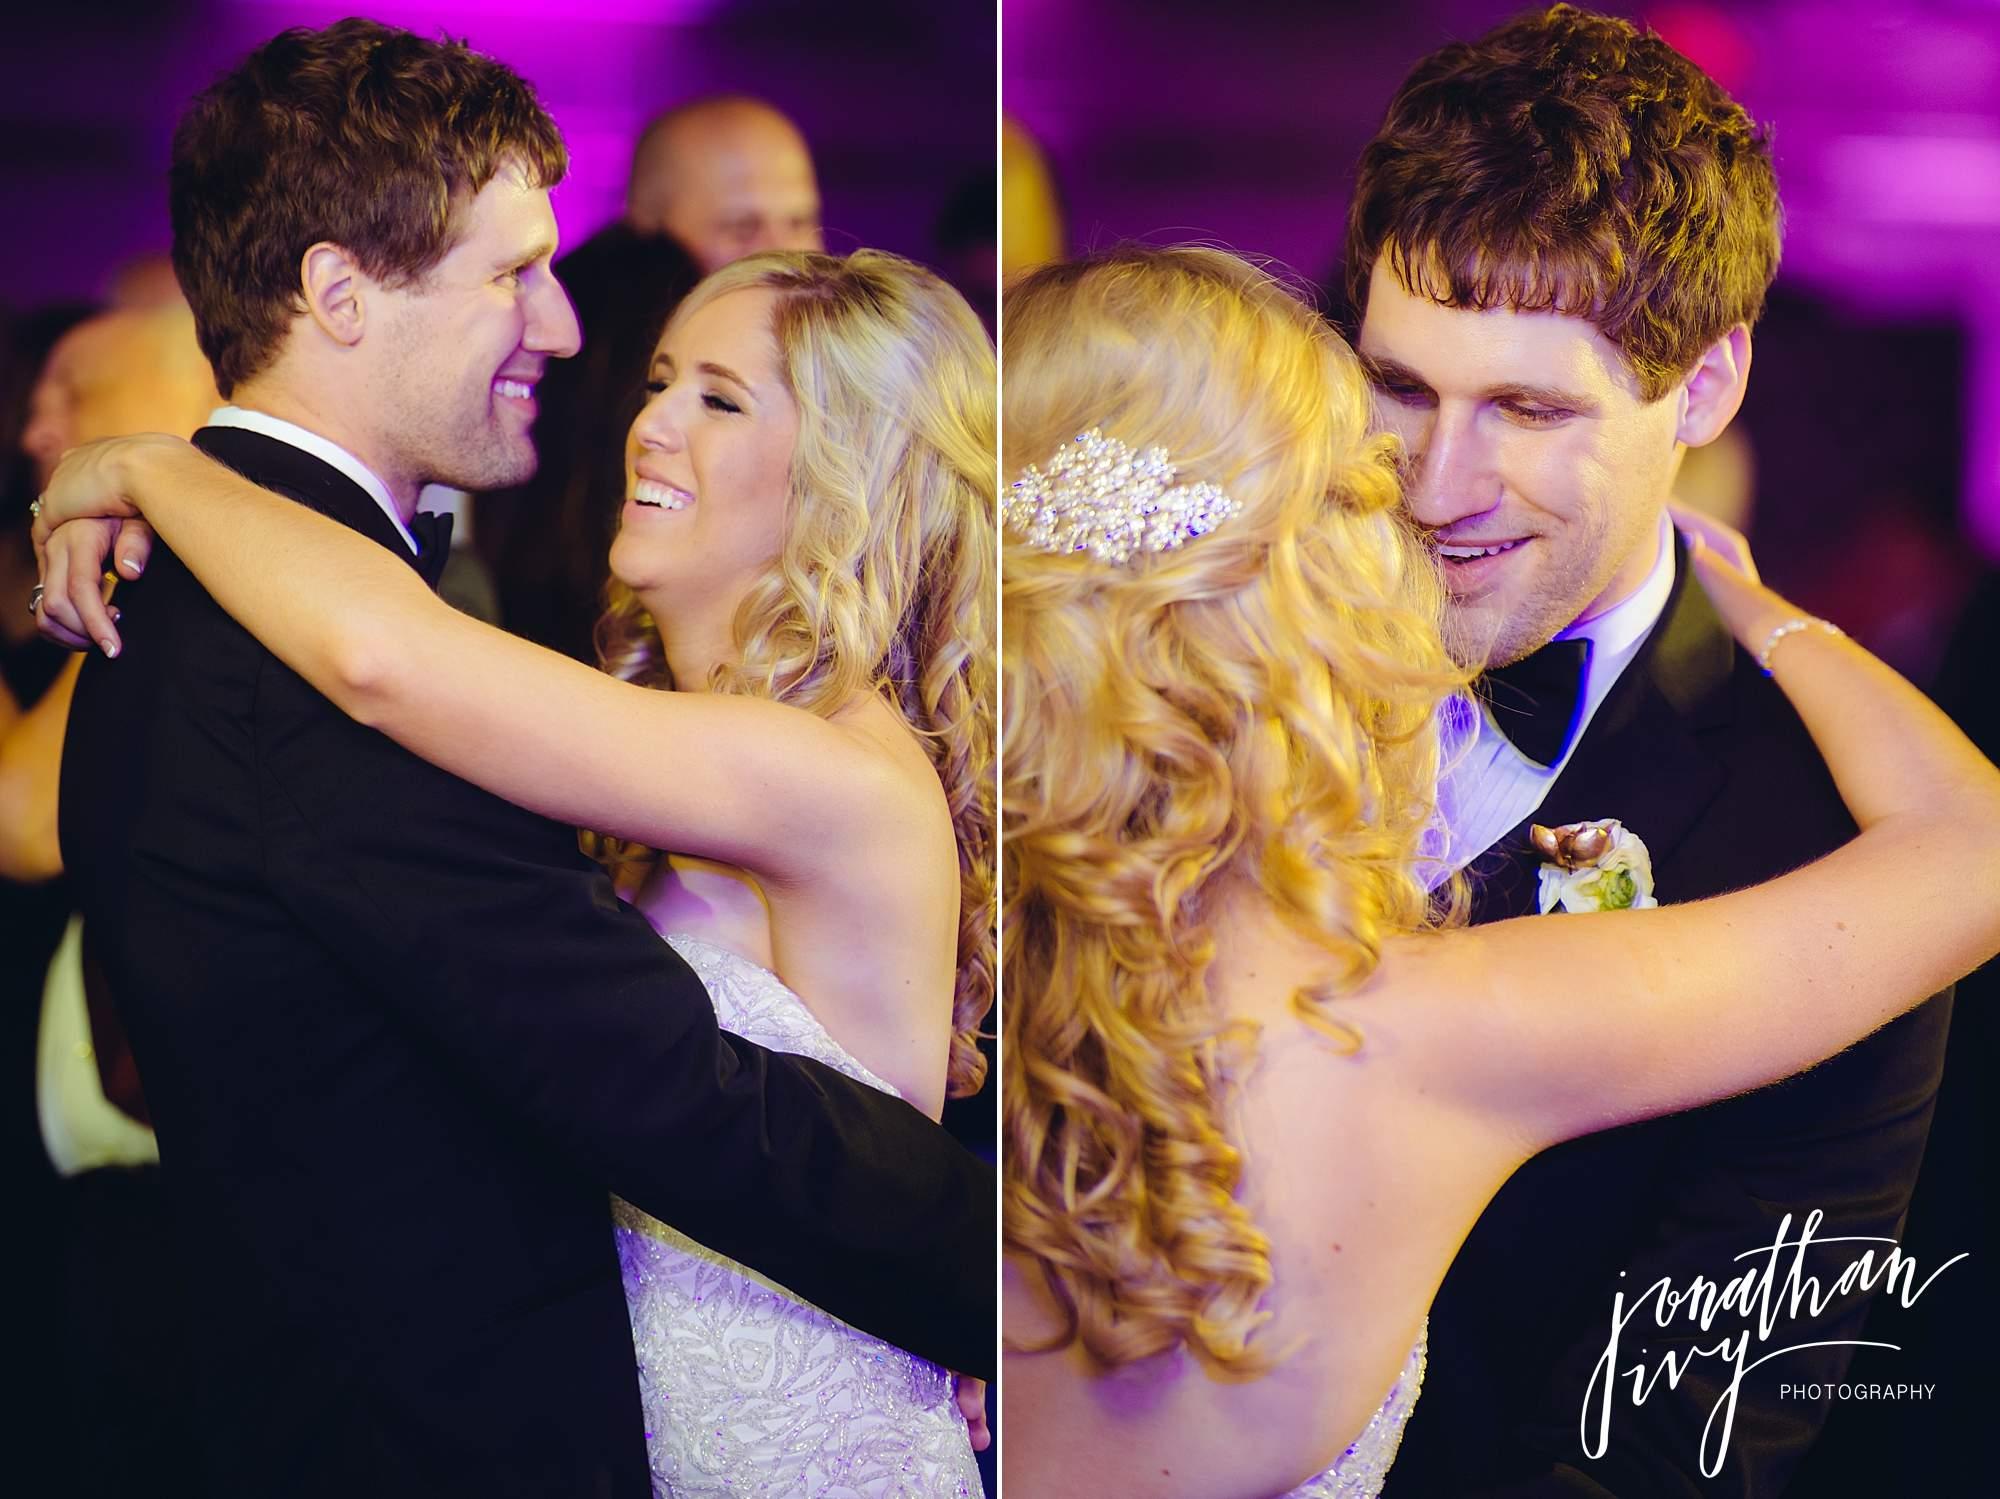 Hotel-Zaza-Houston-Wedding-Reception-0050.jpg